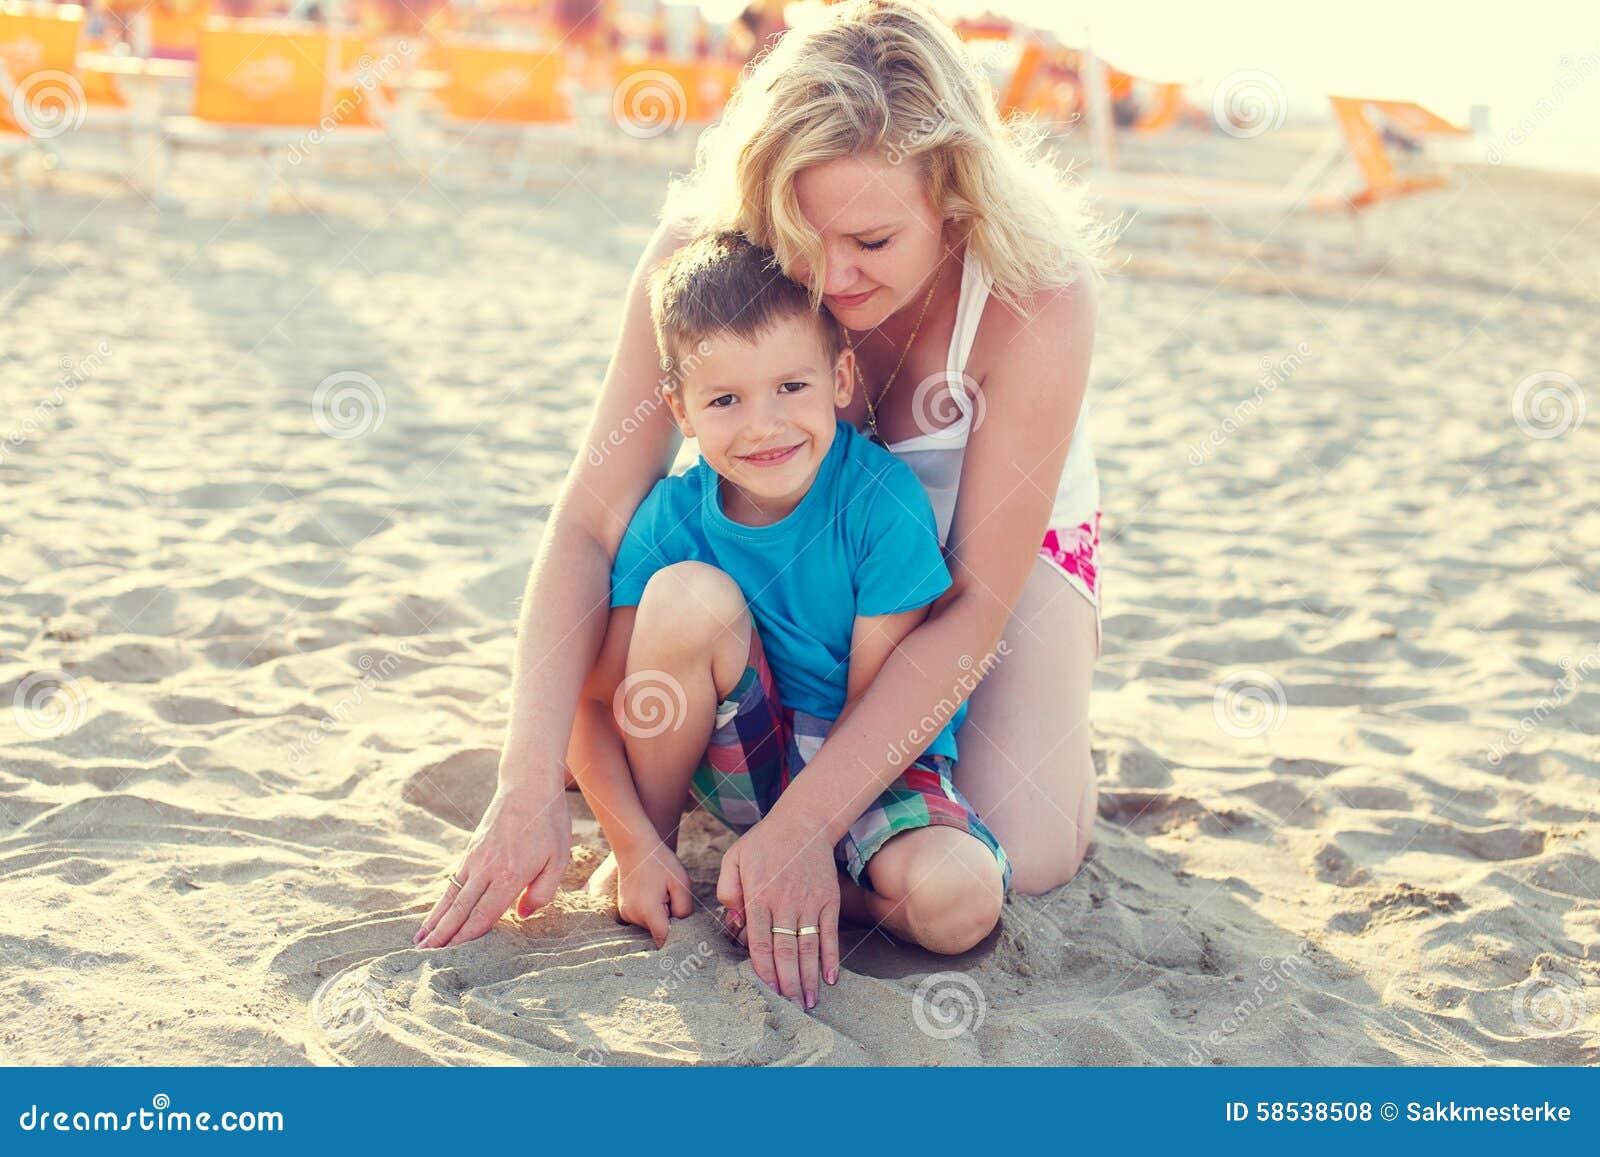 Рассказ секс мамы с сыном на отдыхе, Инцест - Эротический рассказ 17 фотография